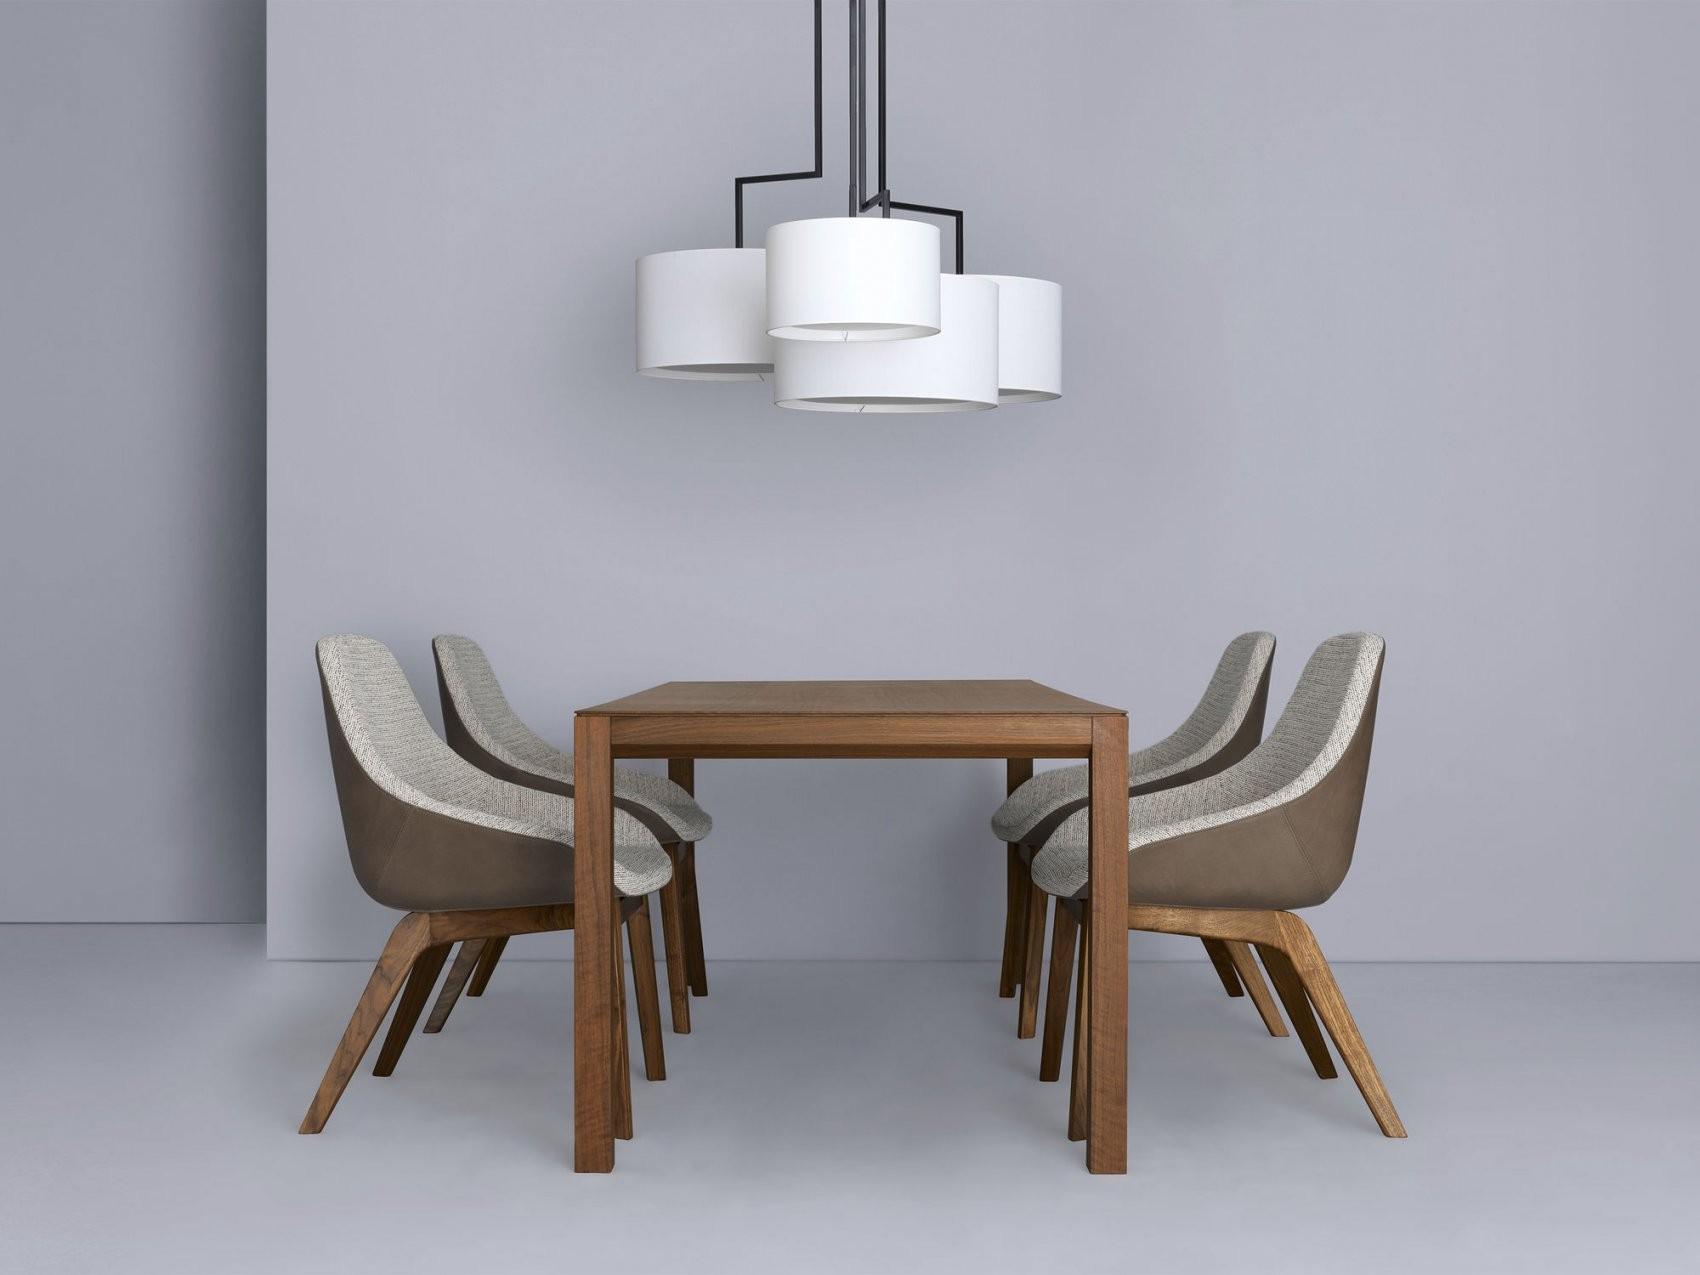 Modernes Wohnzimmer Stuehle Leder  Homeautodesign von Stühle Modernes Design Photo